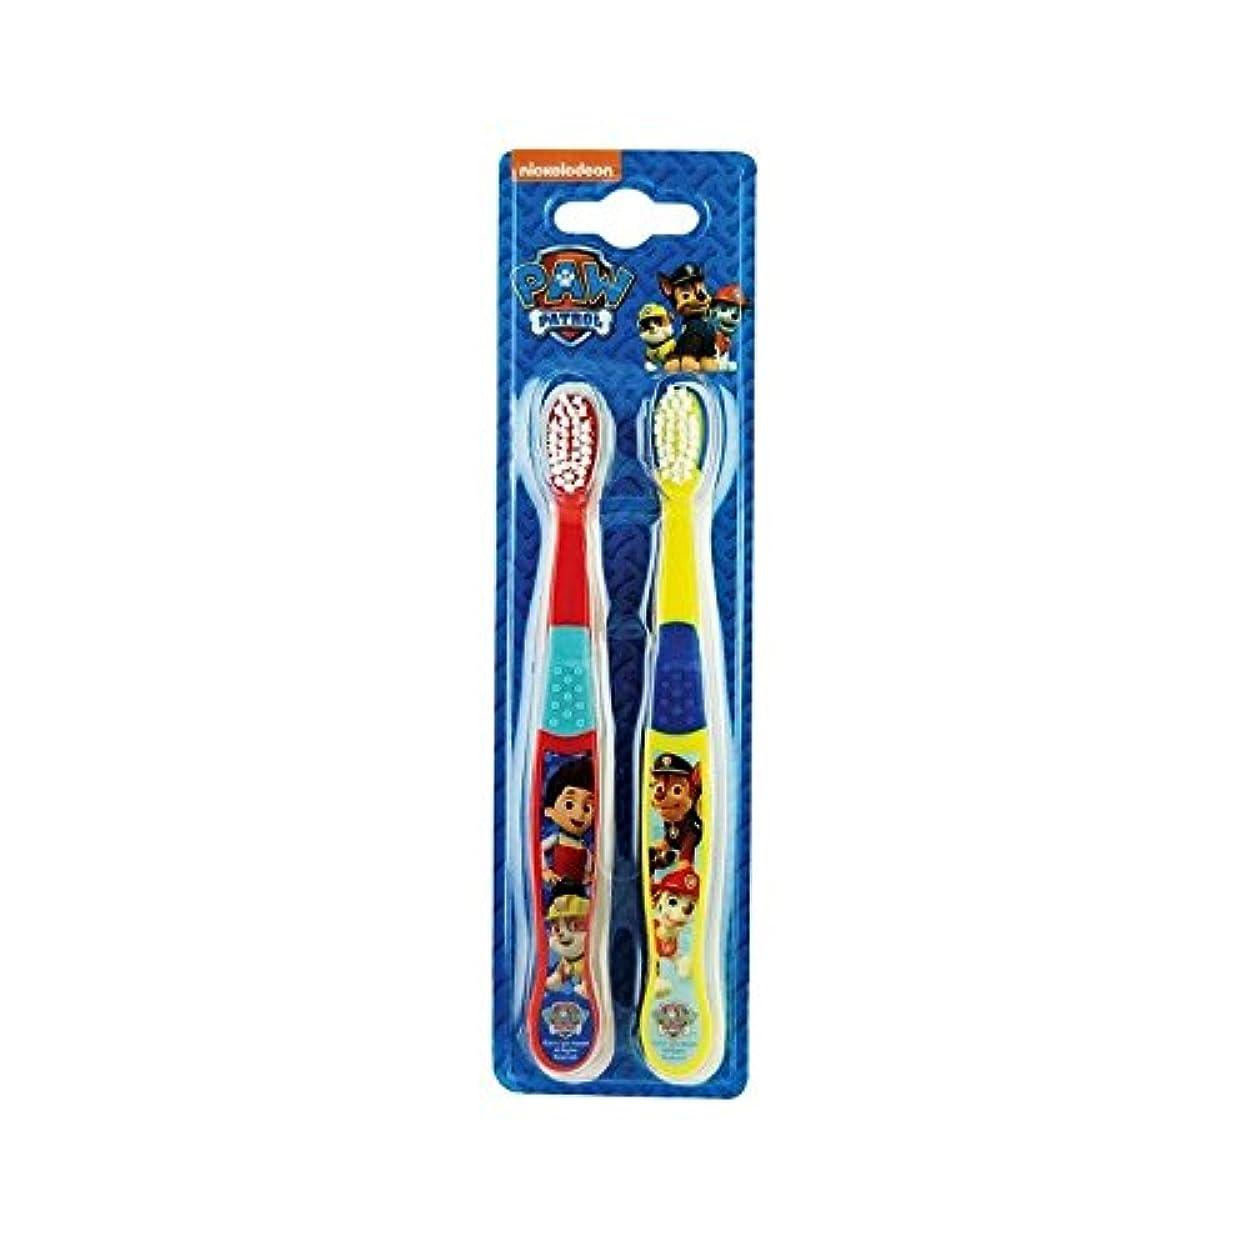 保存パーセントベット1パックツイン歯ブラシ2 (Paw Patrol) (x 6) - Paw Patrol Twin Toothbrush 2 per pack (Pack of 6) [並行輸入品]